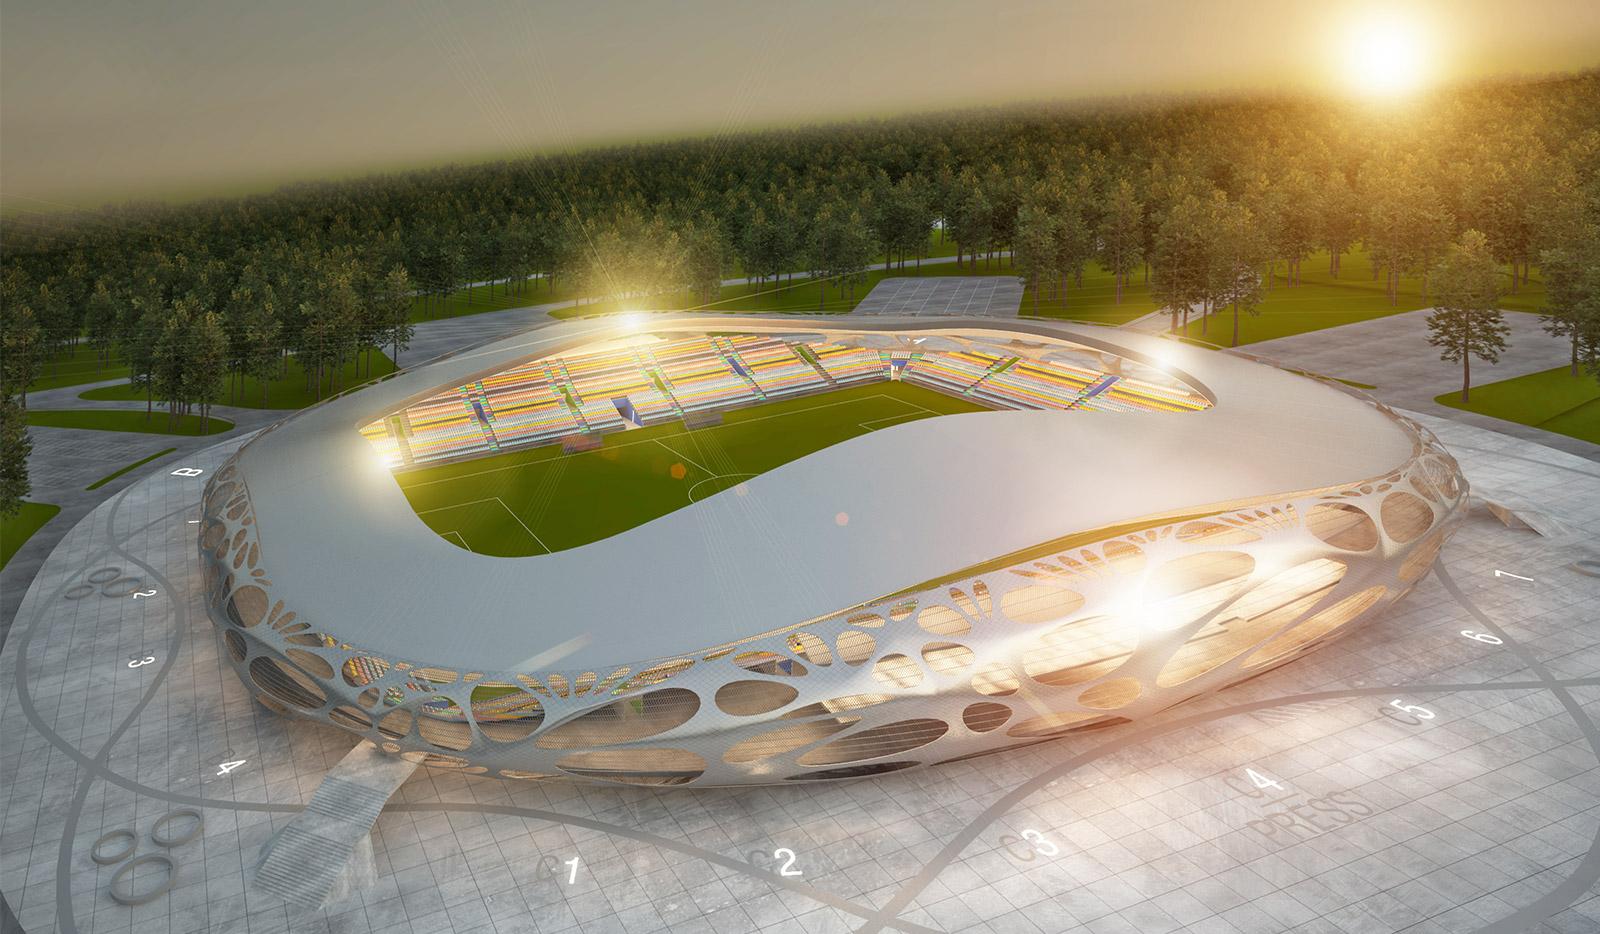 Novyy stadion v borisove